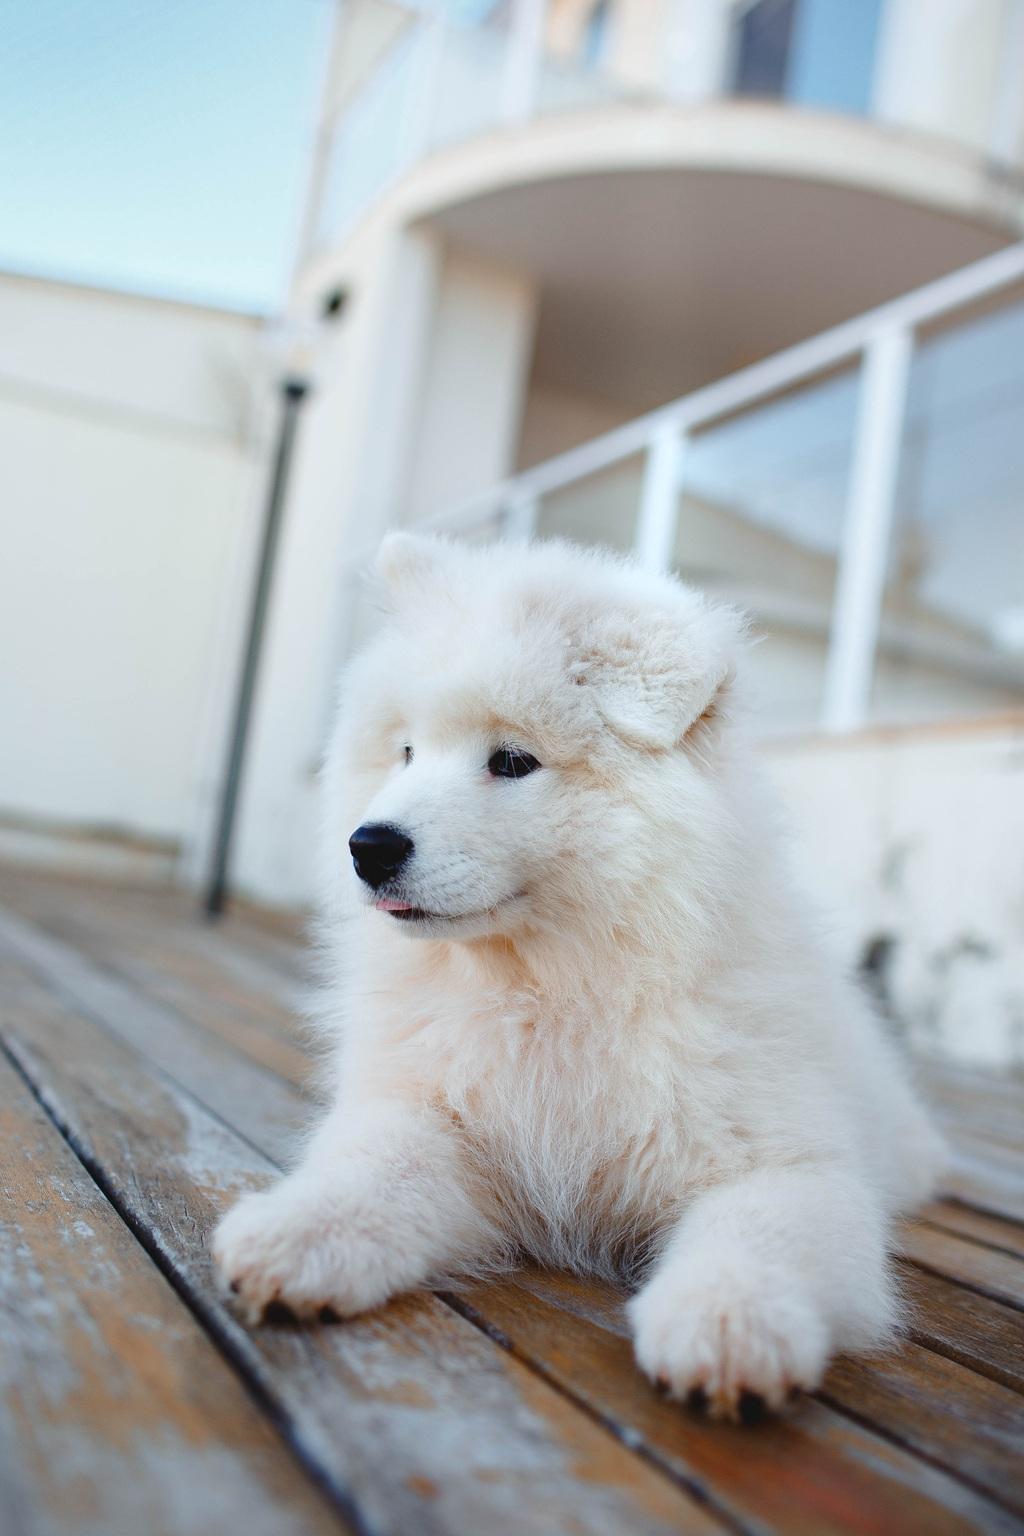 狐狸犬家族的一员 可爱白色毛发的萨摩耶狗狗摄影图片套图1